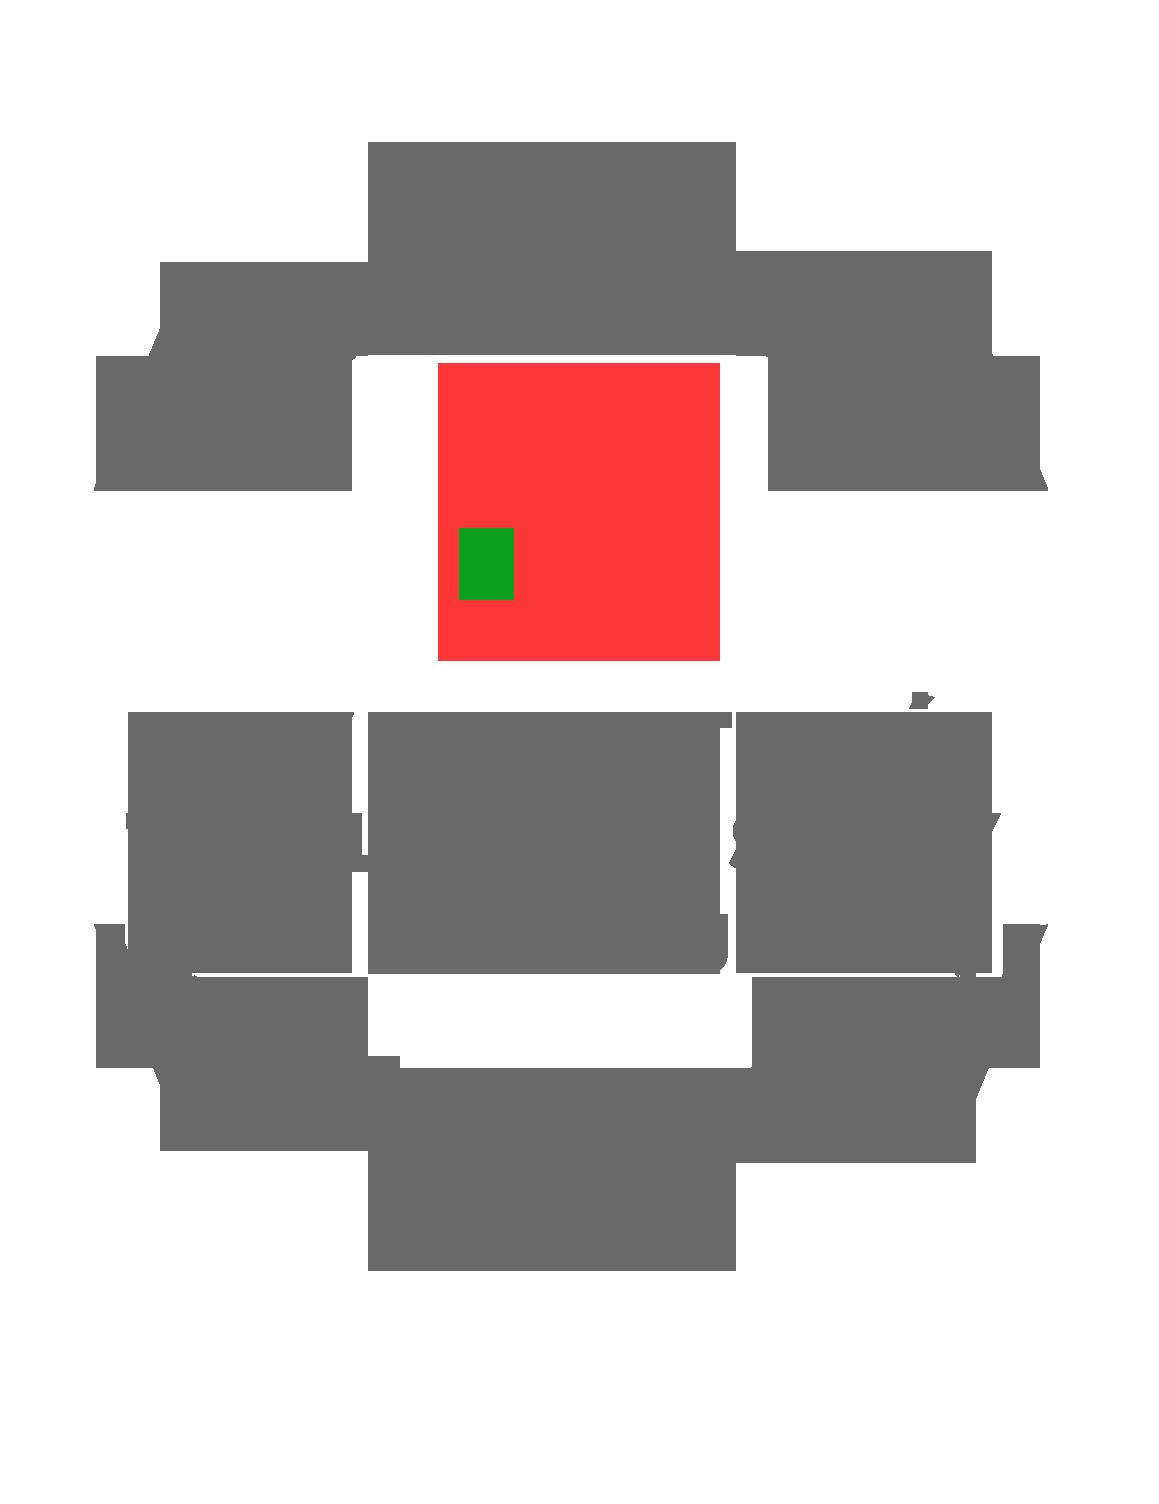 sedacia_suprava_sedacka_taliansky_dizajn_logo